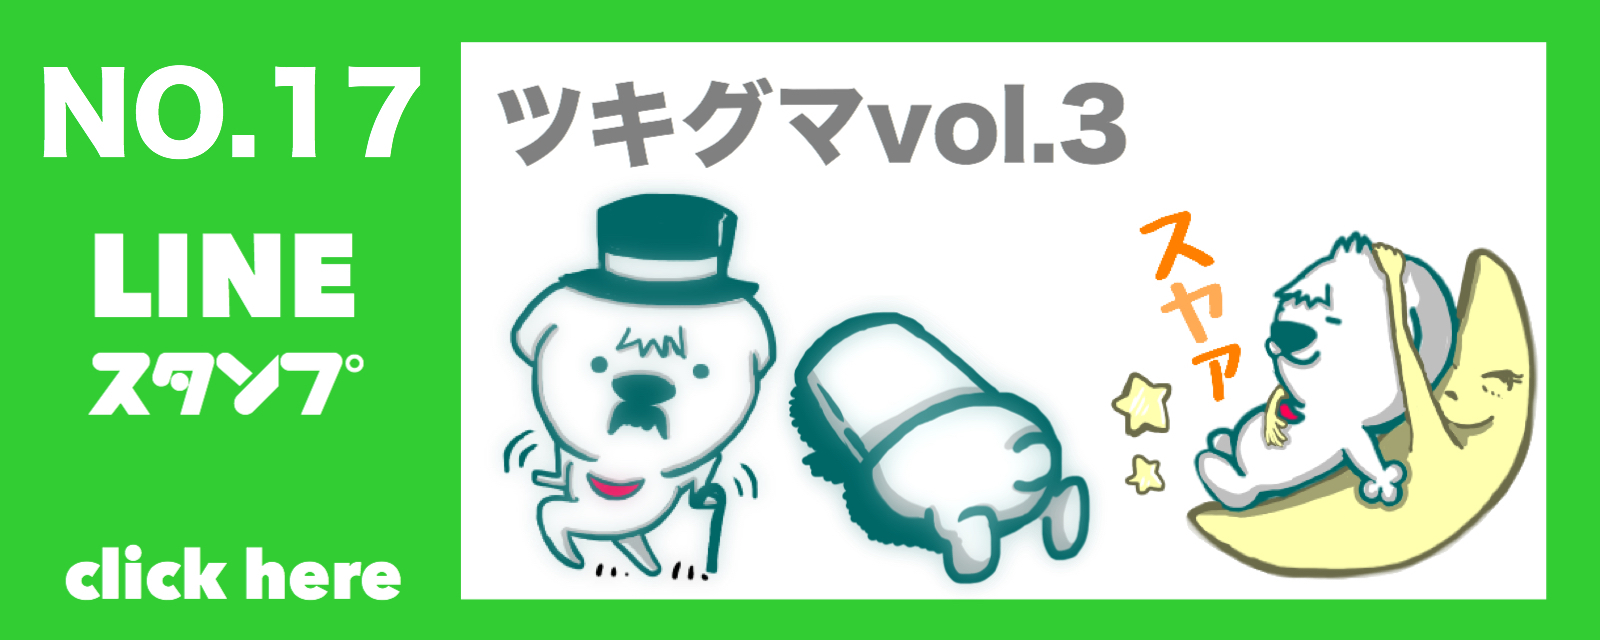 LINEスタンプツキグマシリーズ3